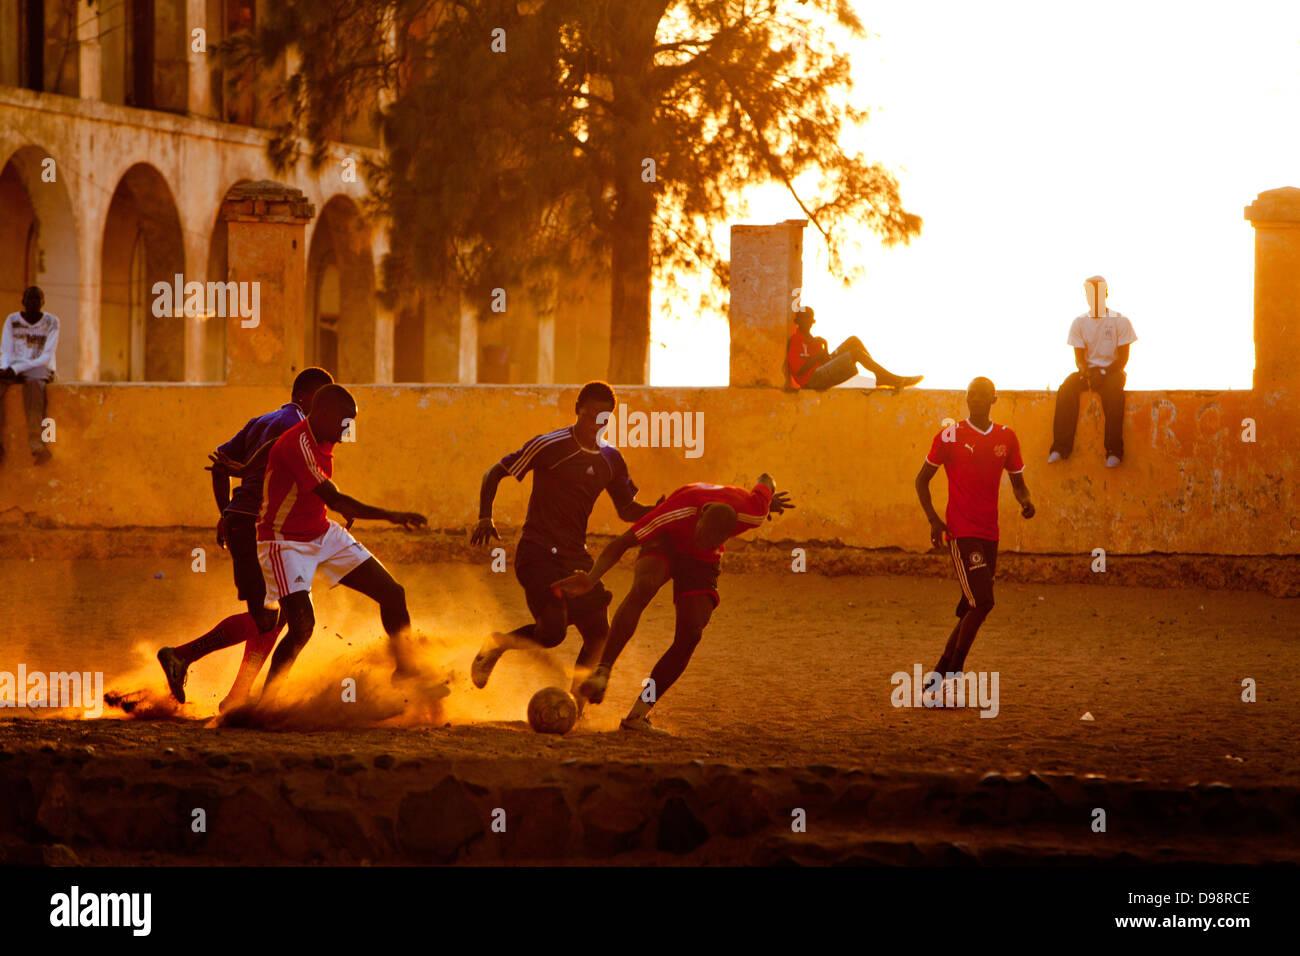 Le football sur la place principale de l'île de Gorée, Dakar, Sénégal. Photo Stock